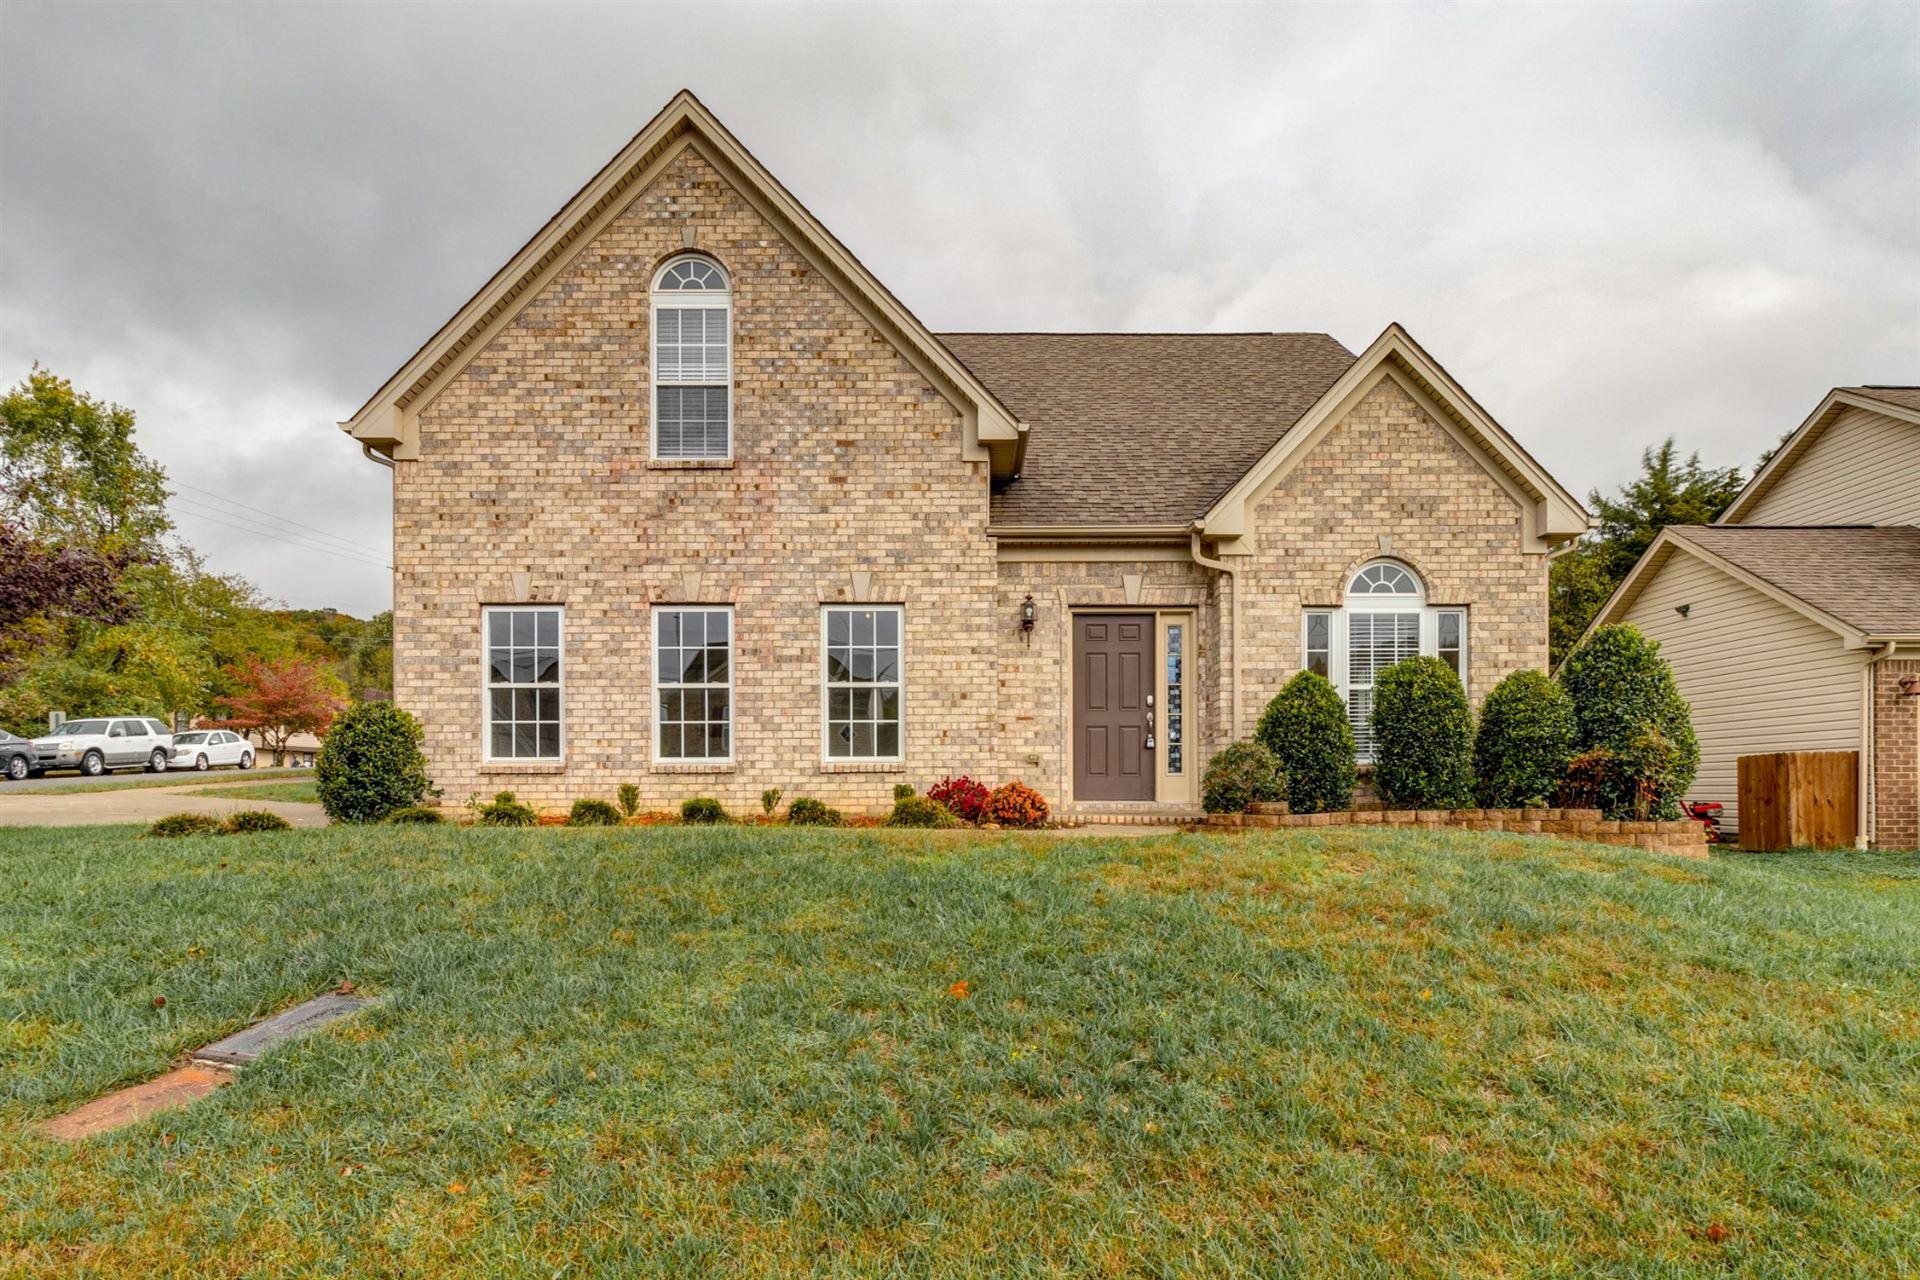 1733 Autumn Ridge Rd, Nashville, TN 37207 - MLS#: 2202696